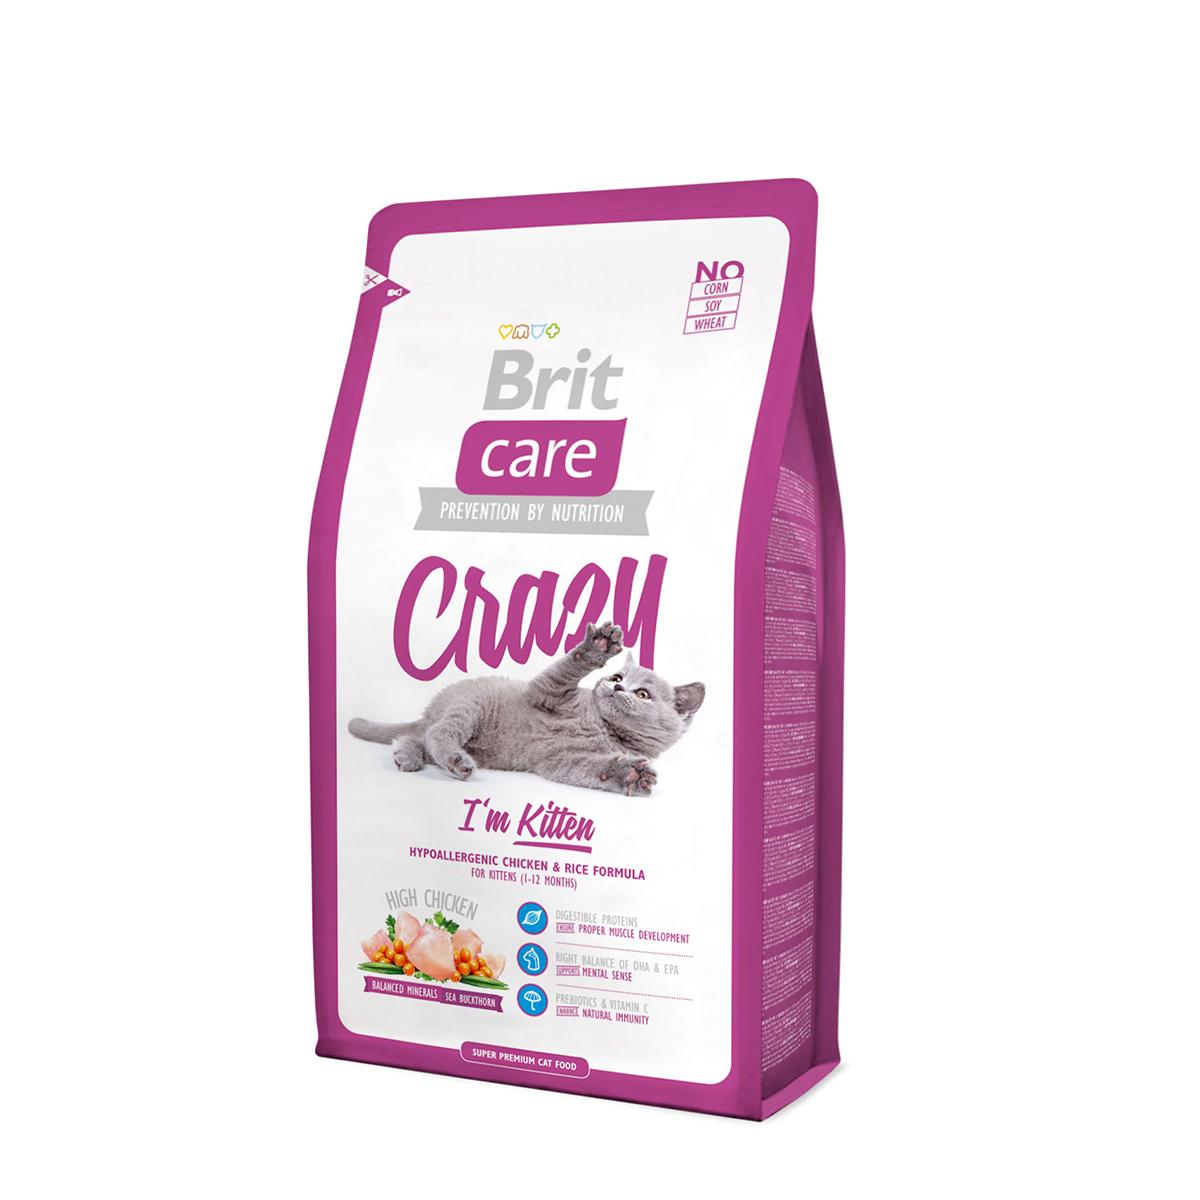 Сухой корм Brit Care Cat Crazy Kitten для котят, беременных и кормящих кошек, 2 кг